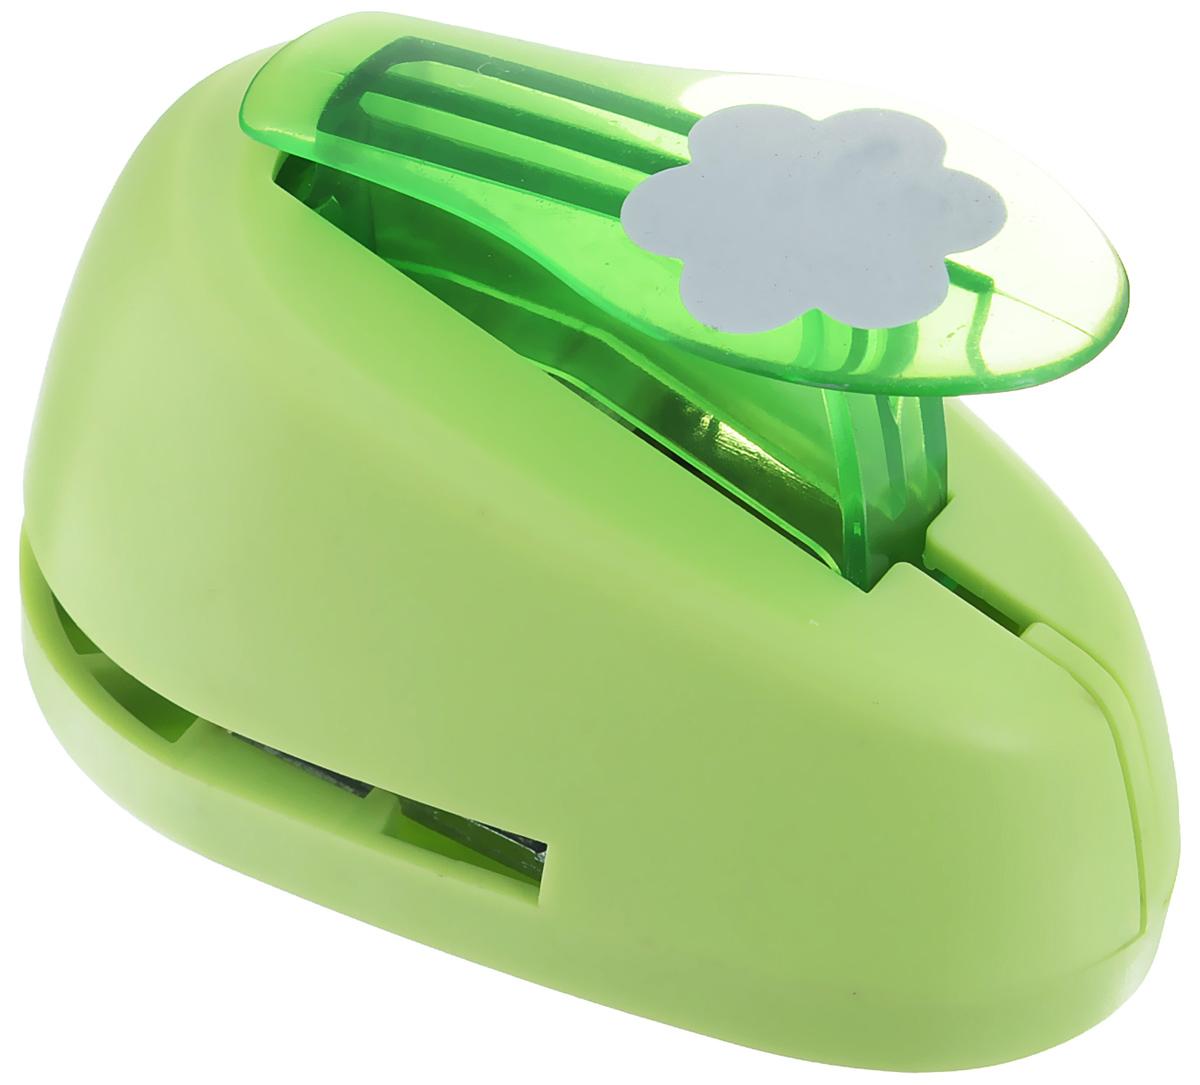 Дырокол фигурный Hobbyboom Цветок, №3, цвет: салатовый, 1 смFS-36054Фигурный дырокол Hobbyboom Цветок изготовлен из пластика и металла, используется в скрапбукинге для созданияоригинальных открыток, оформления подарков, в бумажном творчестве.Рисунок прорези указан на ручке дырокола. Используется для прорезания фигурных отверстий в бумаге. Вырезанный элемент также можно использовать для украшения.Предназначен для бумаги определенной плотности - 80 - 200 г/м2. При применении на бумаге большей плотности или на картоне, дырокол быстро затупится. Размер готовой фигурки: 1 см.